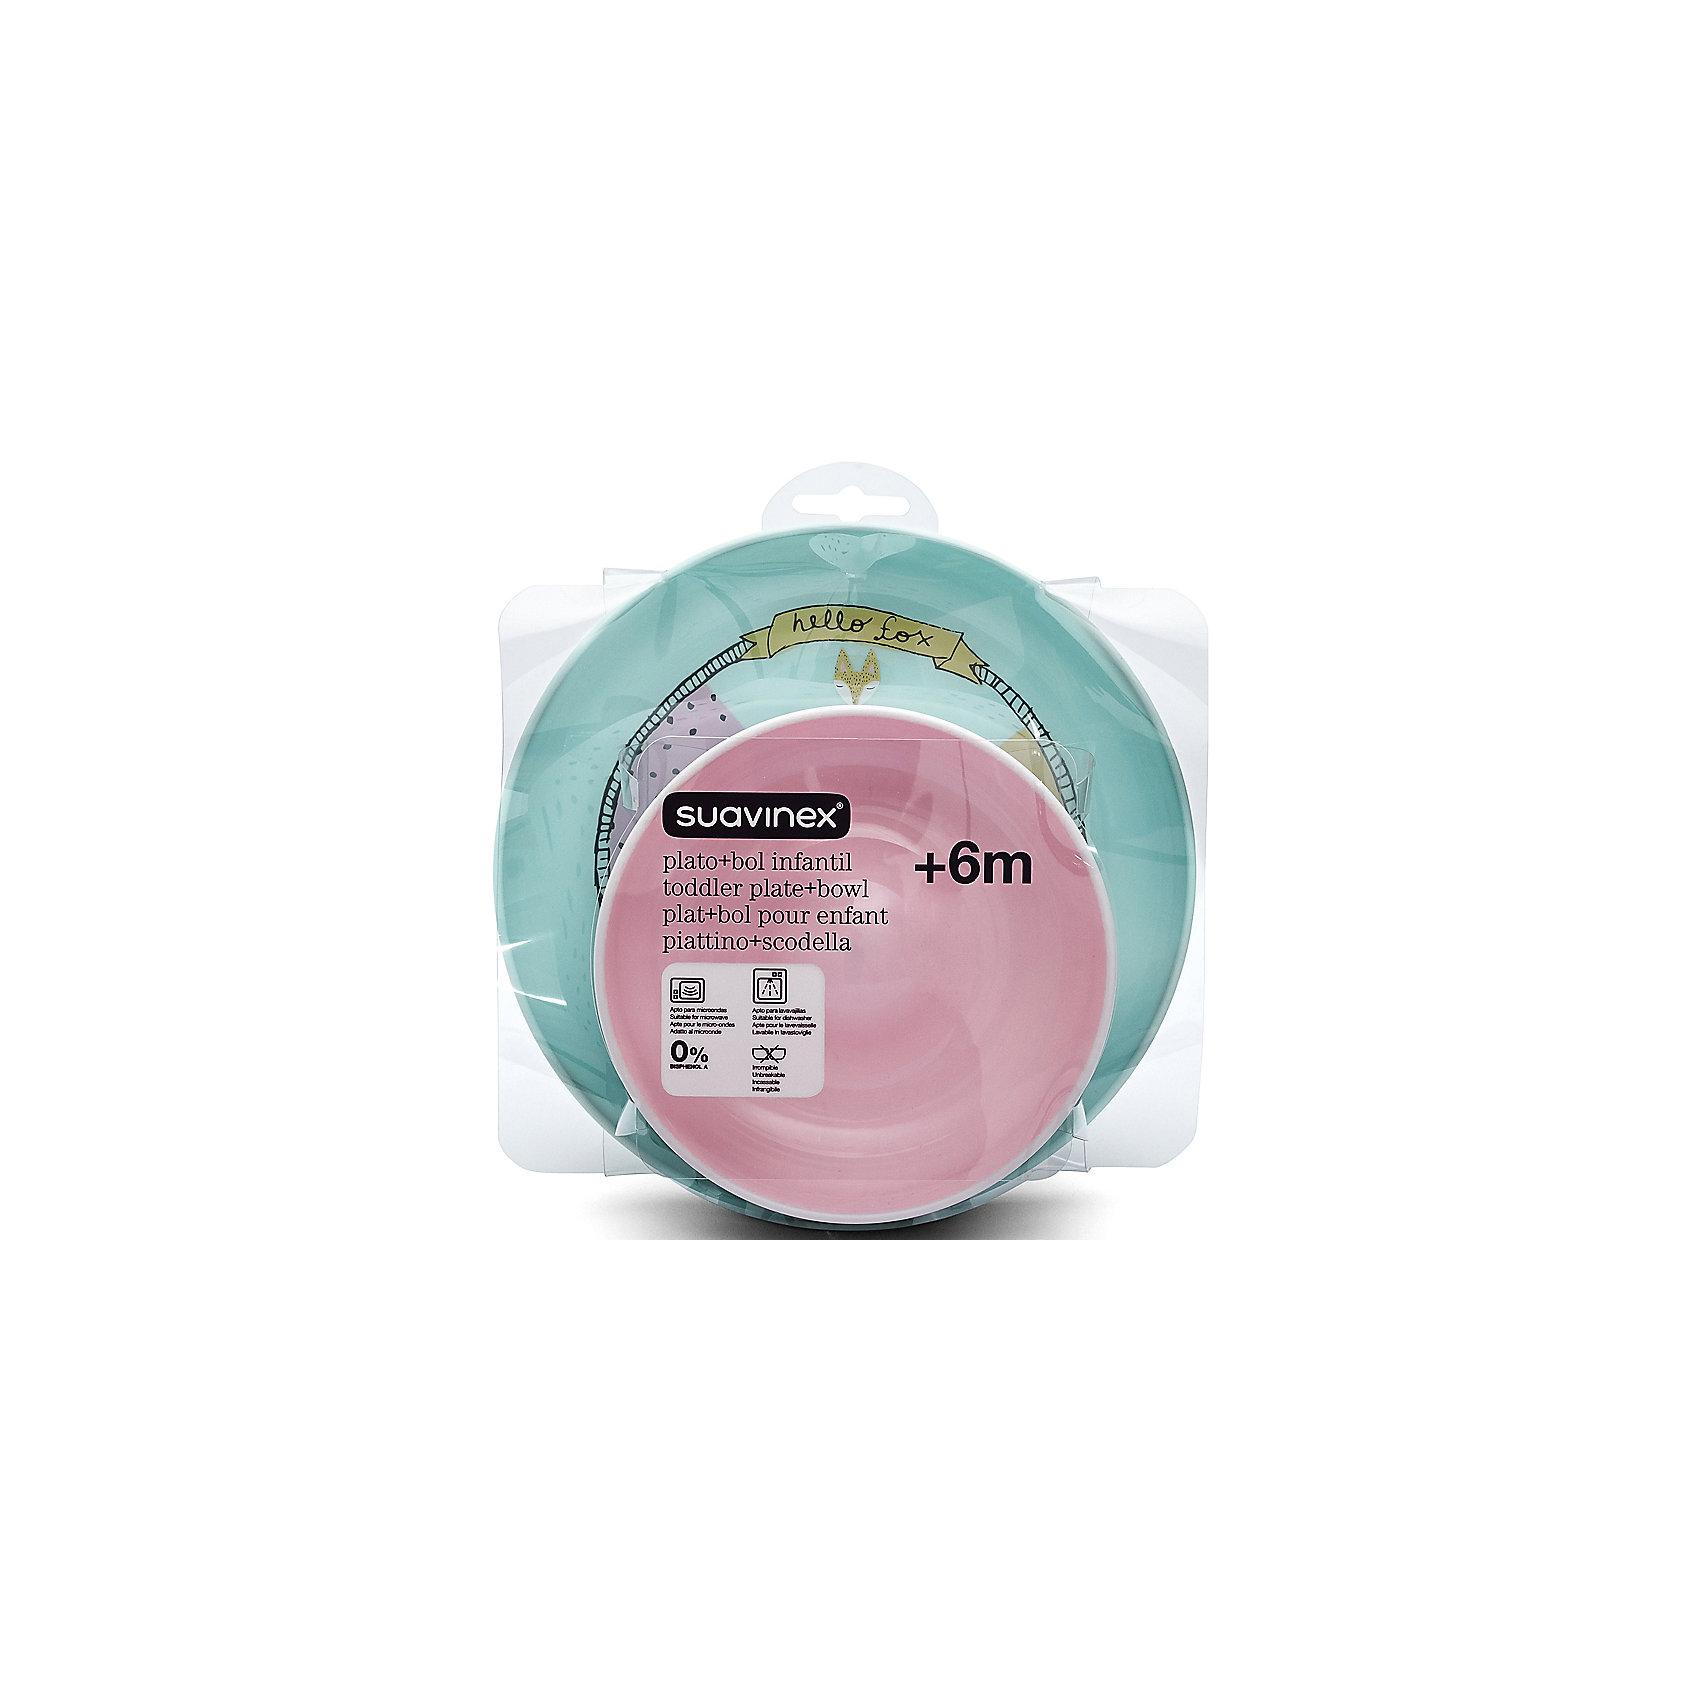 Набор посуды от 6 мес. тарелка+миска Fox, Suavinex, розовый/белыйПосуда для малышей<br>Характеристики:<br><br>• Наименование: набор посуды<br>• Рекомендуемый возраст: от 6 месяцев<br>• Пол: для девочки<br>• Материал: пластик<br>• Цвет: розовый, белый, оранжевый<br>• Рисунок: лиса, горошинки<br>• Комплектация: миска, тарелка<br>• Диаметр миски: 14 см<br>• Высота миски: 4,5 см<br>• Диаметр тарелки: 20 см<br>• Вес: 188 г<br>• Параметры (Д*Ш*В): 20*7*10 см <br>• Особенности ухода: мыть в теплой воде, разрешается стерилизация<br><br>Набор посуды от 6 мес. тарелка+миска Fox, Suavinex, розовый/белый изготовлен испанским торговым брендом, специализирующимся на выпуске товаров для кормления новорожденных и младенцев. Продукция от Suavinex разработана с учетом рекомендаций педиатров, что гарантирует качество и безопасность использованных материалов. <br><br>Изделия выполнены из ударопрочного пластика, который устойчив к появлениям царапин, что обеспечивает высокие гигиенические свойства столовых предметов. Набор включает в себя миску и плоскую тарелку. Выполнен в брендовом дизайне с изображением лисенка и горошинок. Рисунок устойчив к появлениям царапин и выгоранию цвета даже при частой стерилизации. <br><br>Набор посуды от 6 мес. тарелка+миска Fox, Suavinex, розовый/белый можно купить в нашем интернет-магазине.<br><br>Ширина мм: 200<br>Глубина мм: 70<br>Высота мм: 200<br>Вес г: 188<br>Возраст от месяцев: 6<br>Возраст до месяцев: 24<br>Пол: Женский<br>Возраст: Детский<br>SKU: 5451255